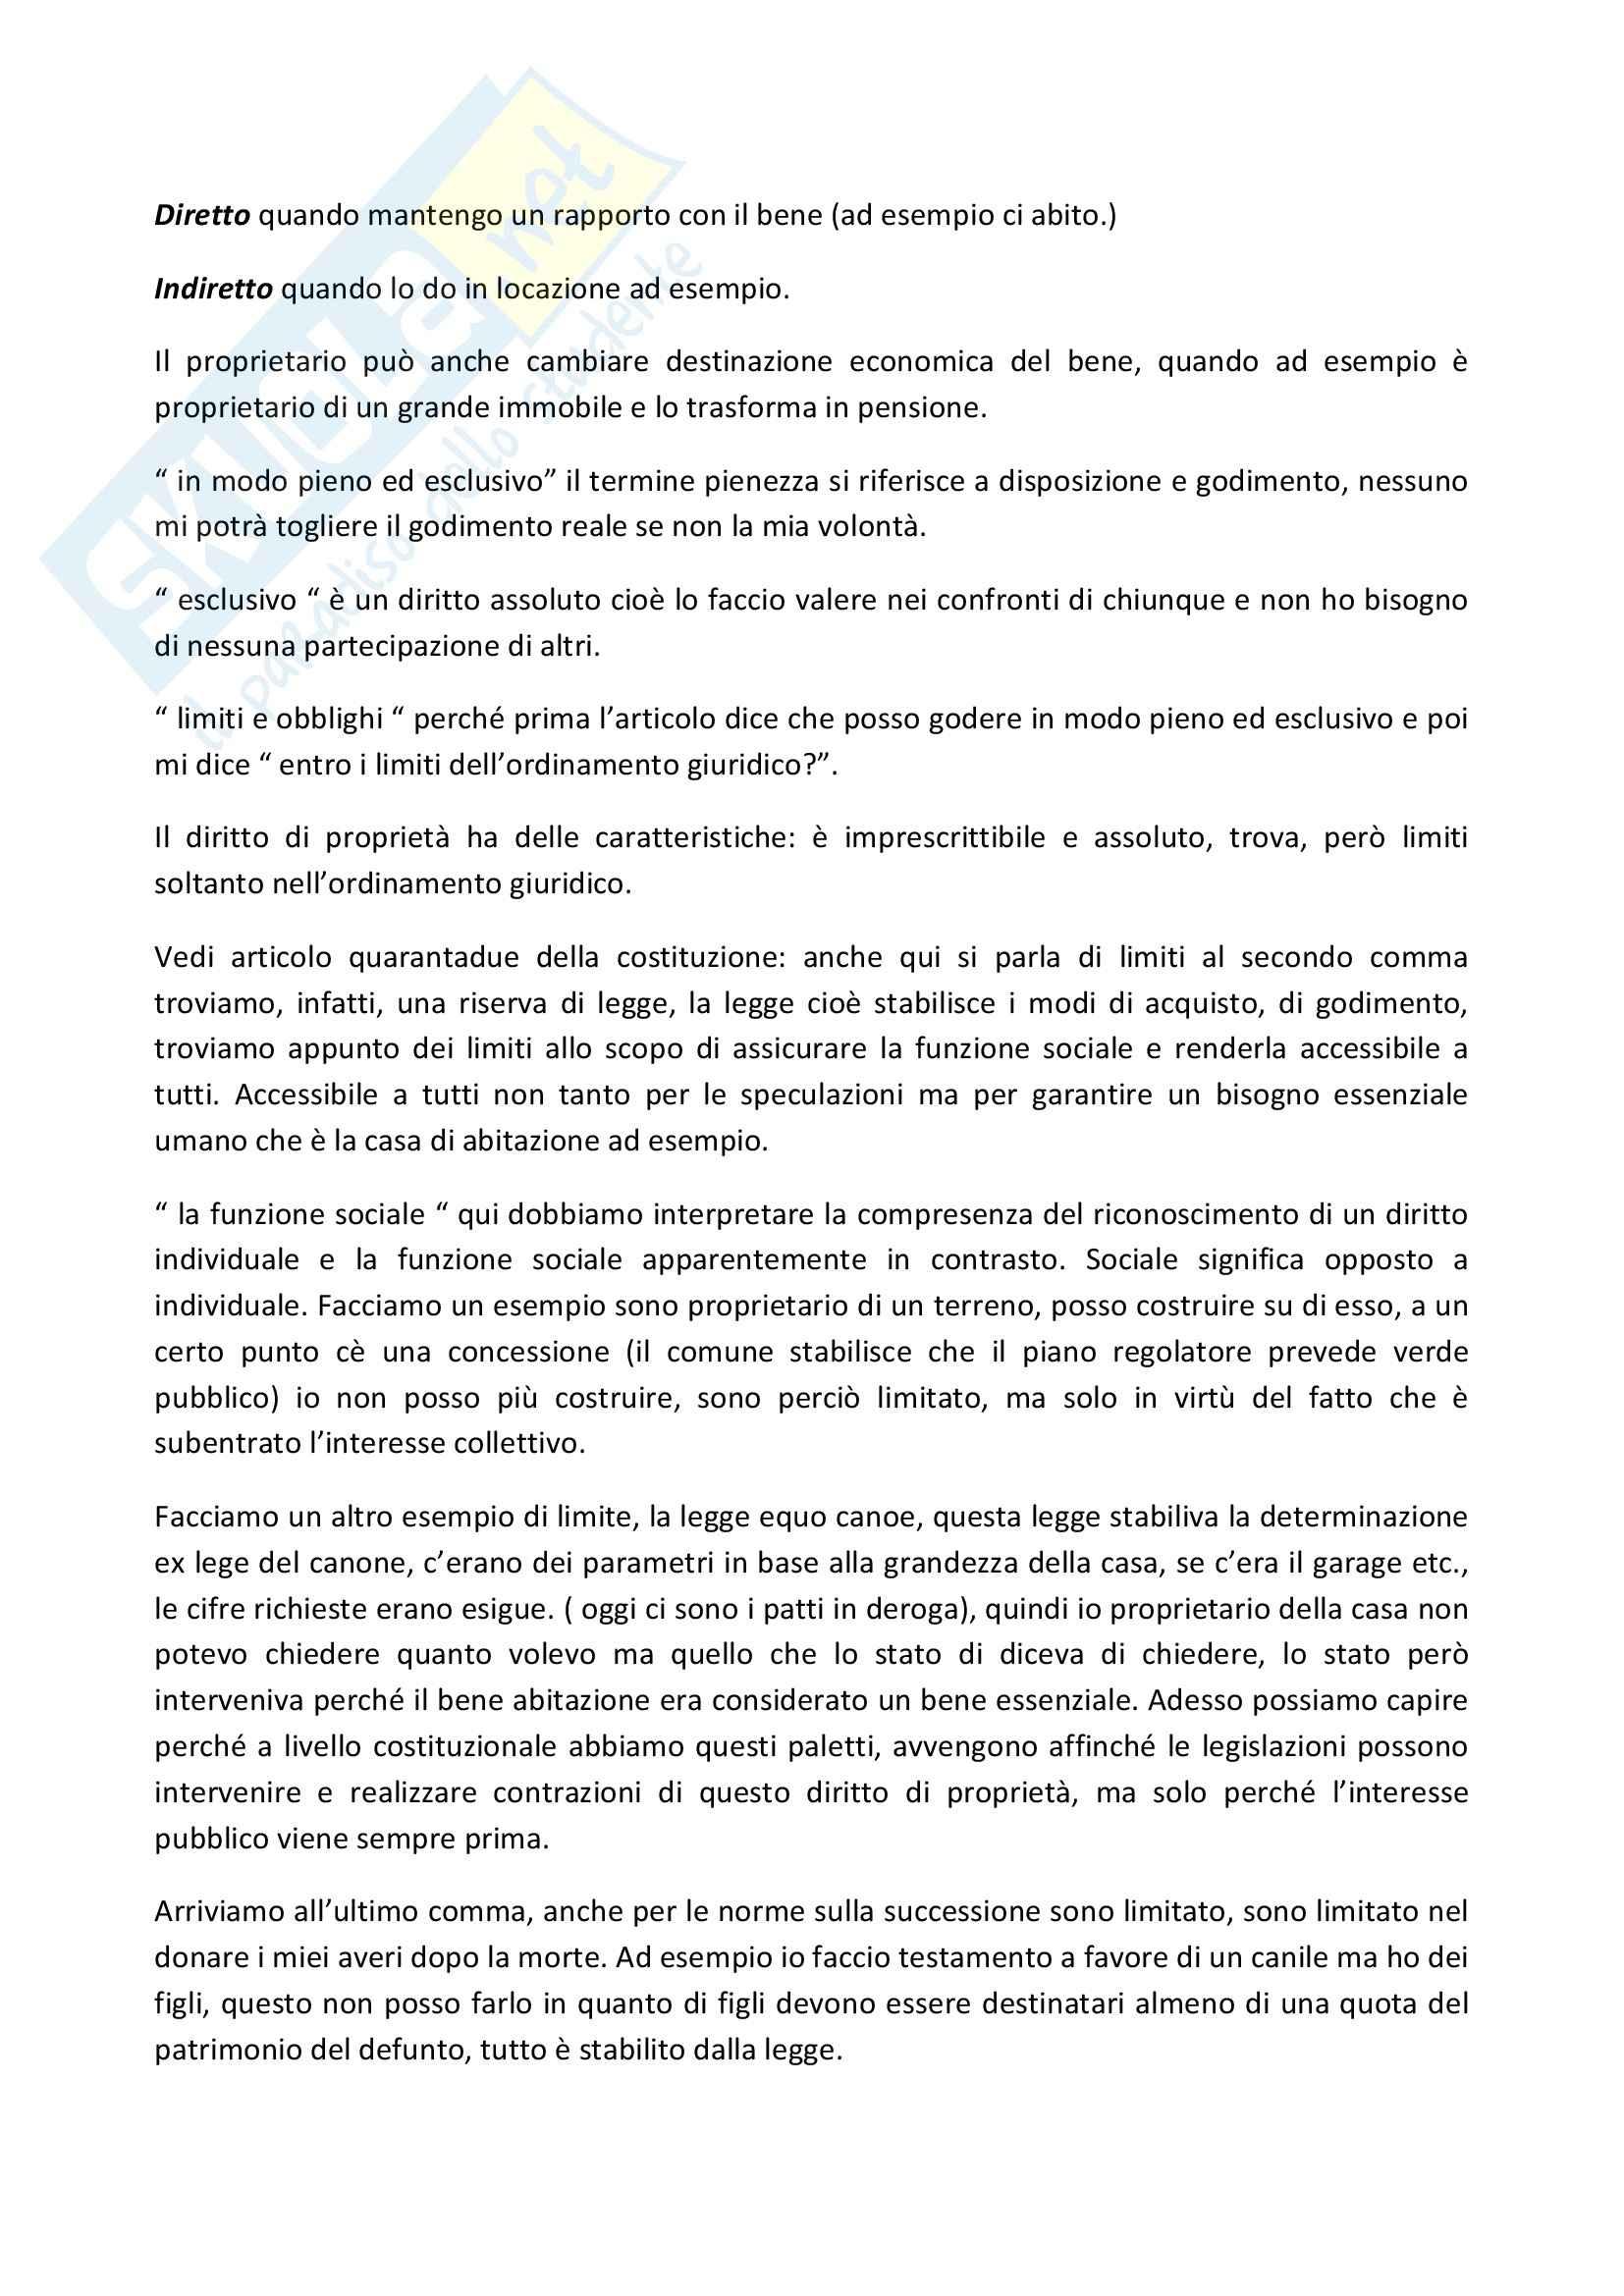 Diritto privato - Appunti Pag. 46